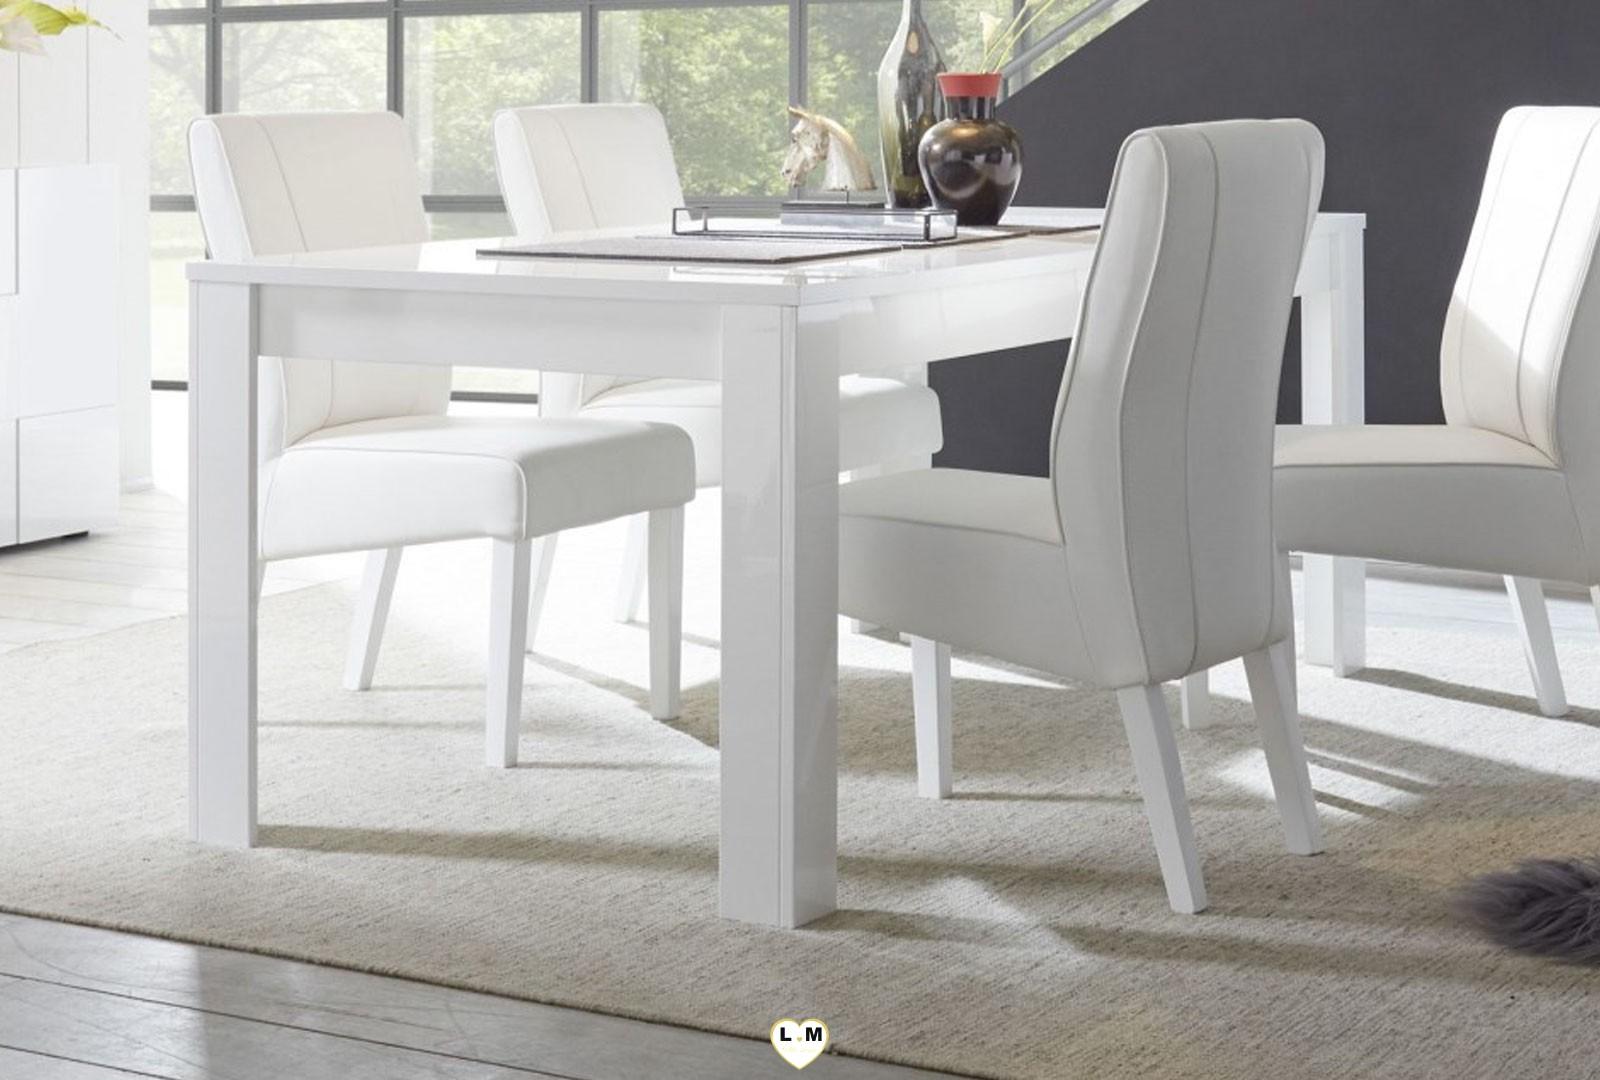 Lyvio laque blanc ensemble sejour salle a manger moderne lignemeuble com for Ensemble salle a manger blanc